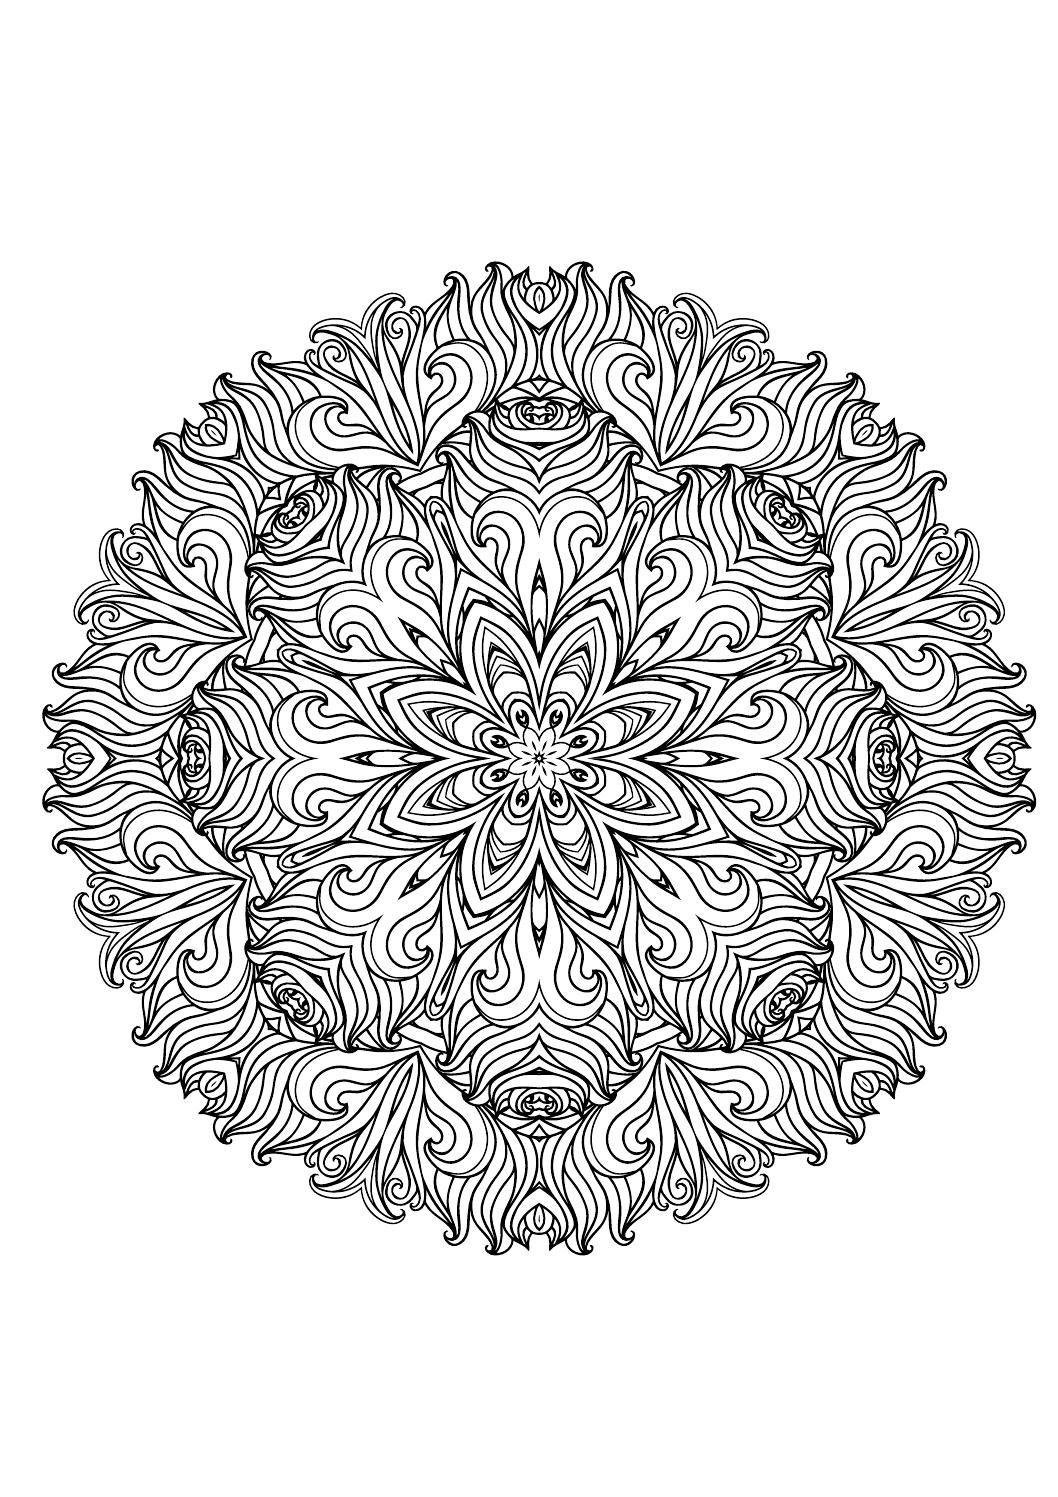 Didzioji mandalu knyga mandala geometric mandala and adult coloring